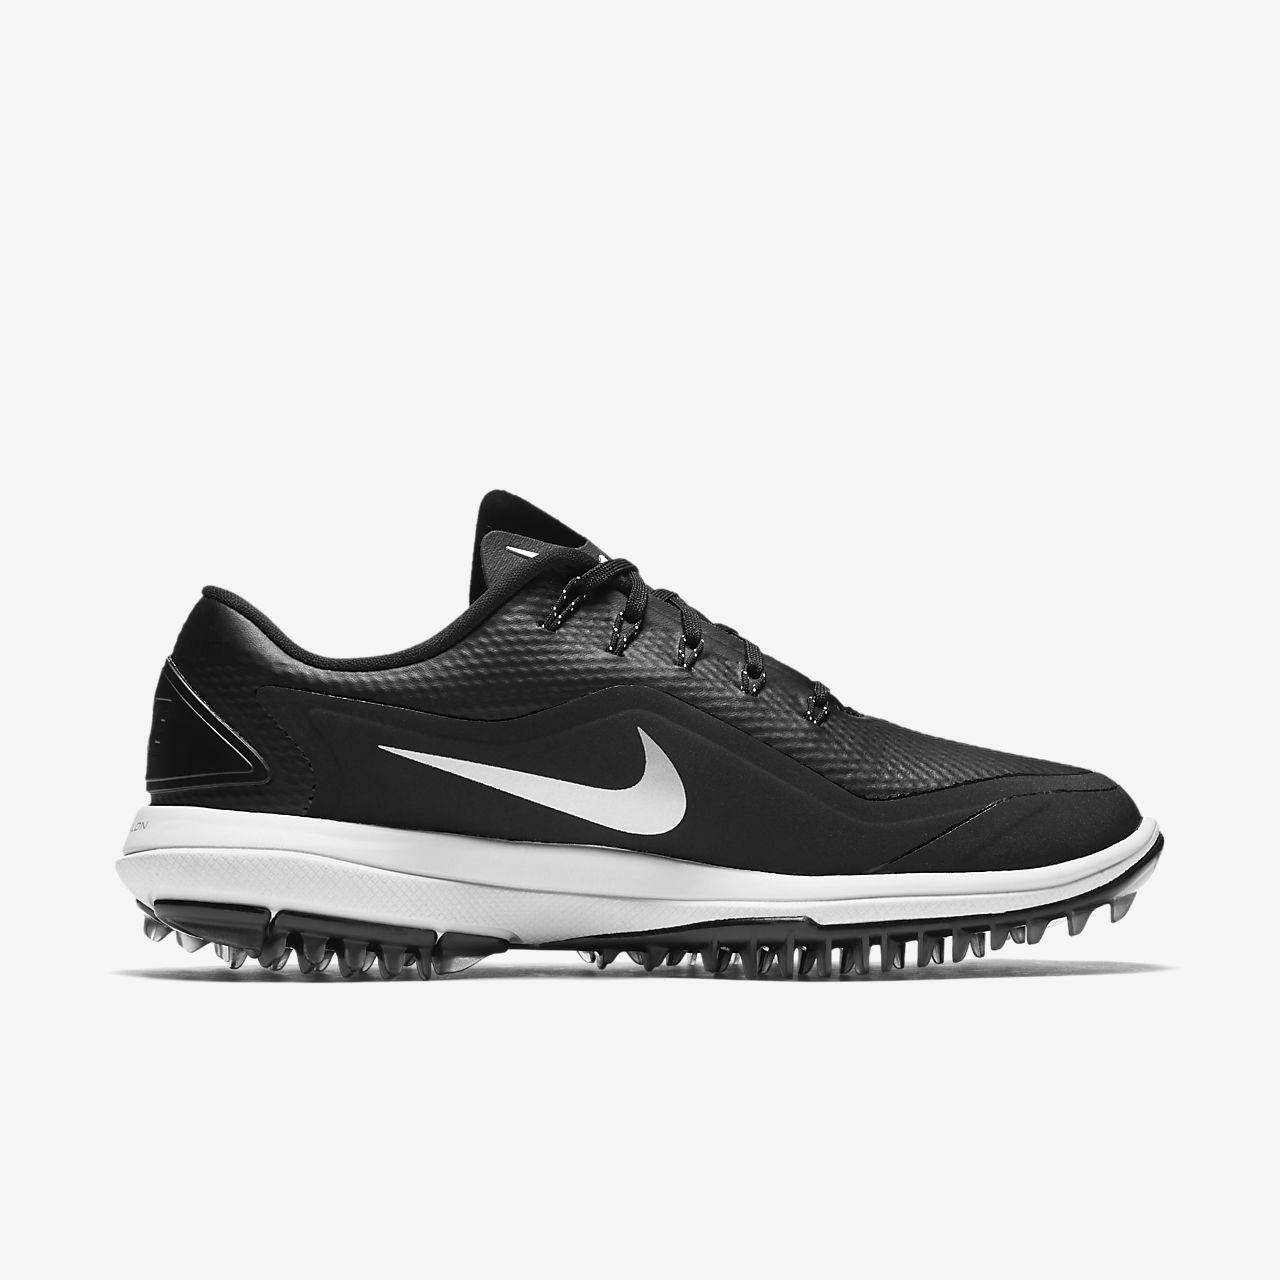 80a64e27ccdb Nike Lunar Control Vapor 2 Women s Golf Shoe. Nike.com GB